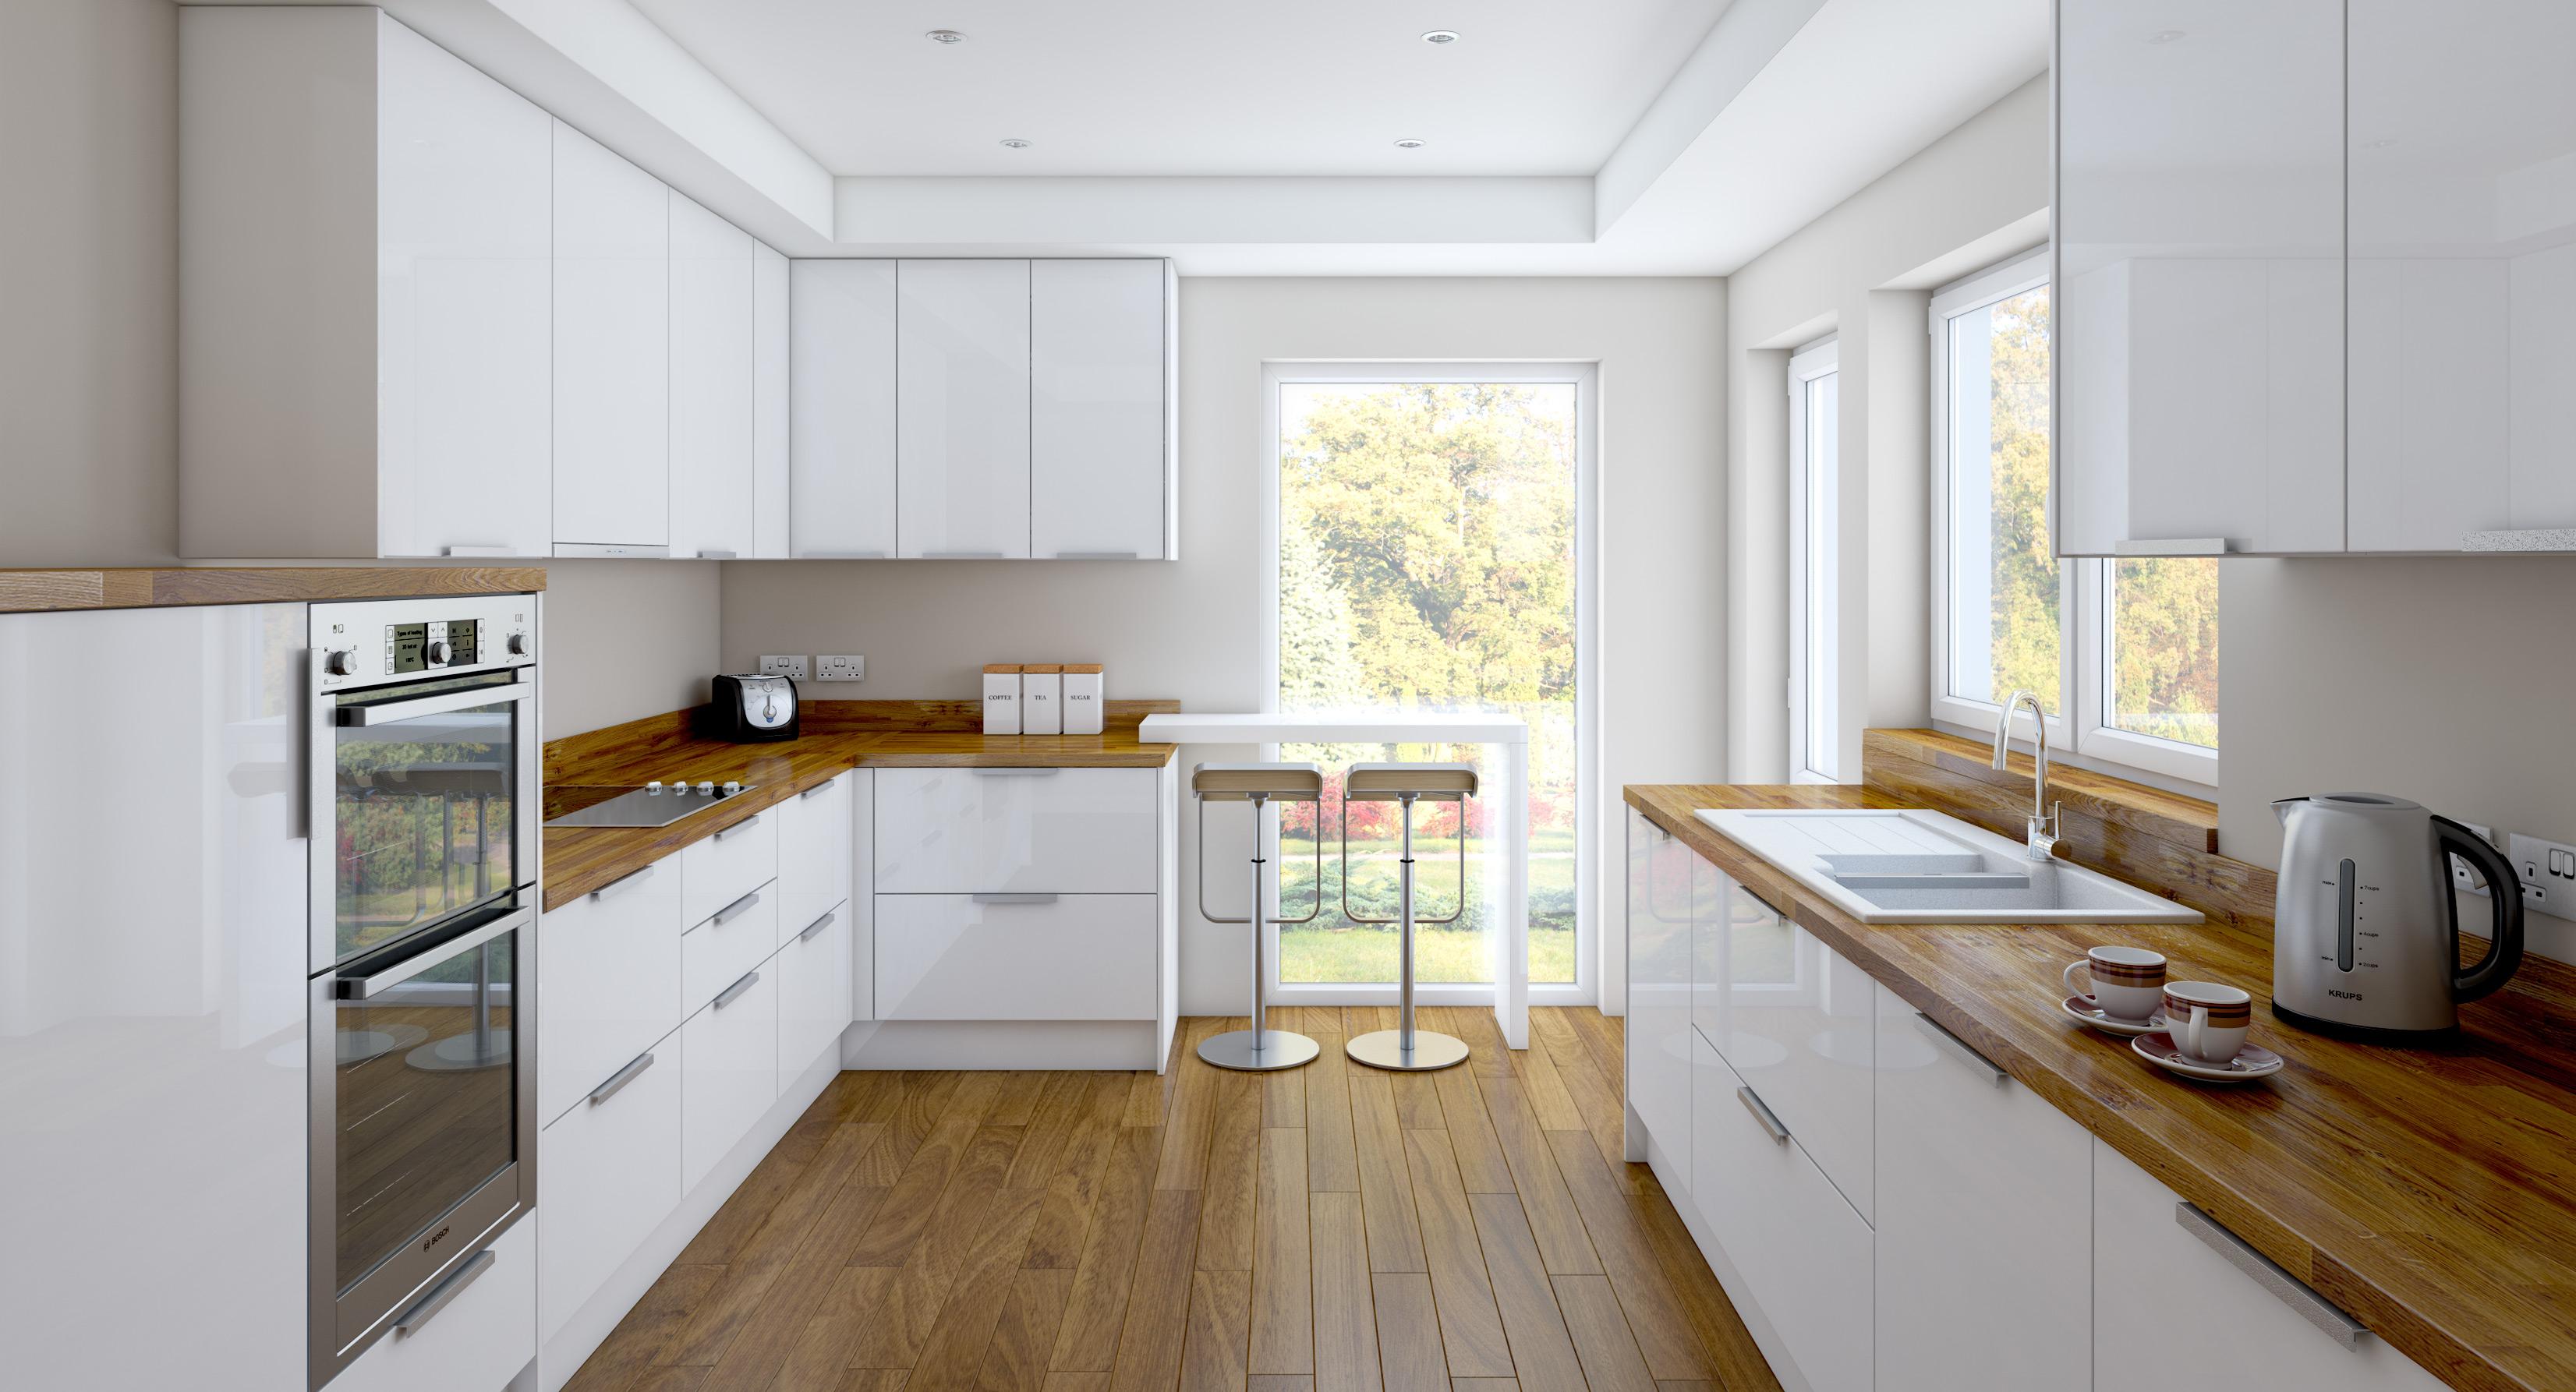 Деревянные кухонные столешницы в светлых тонах - фото 8